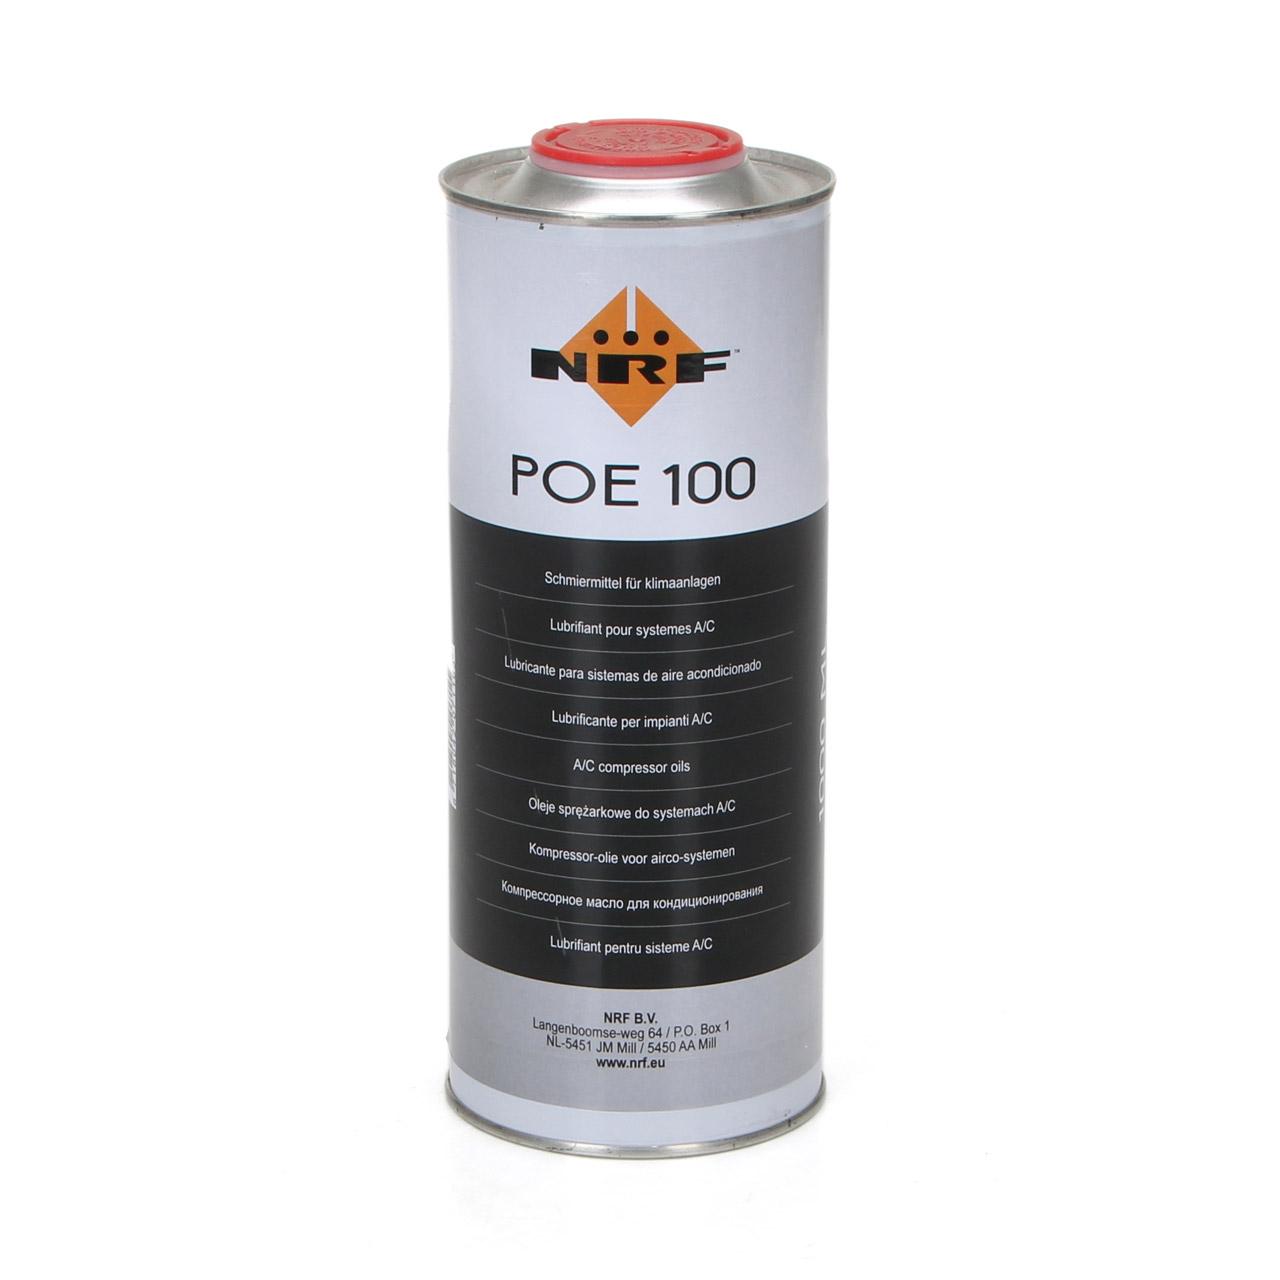 NRF 38819 Kompressor Öl Kompressoröl Klimaanlagenöl POE 100 1000ml 1 Liter